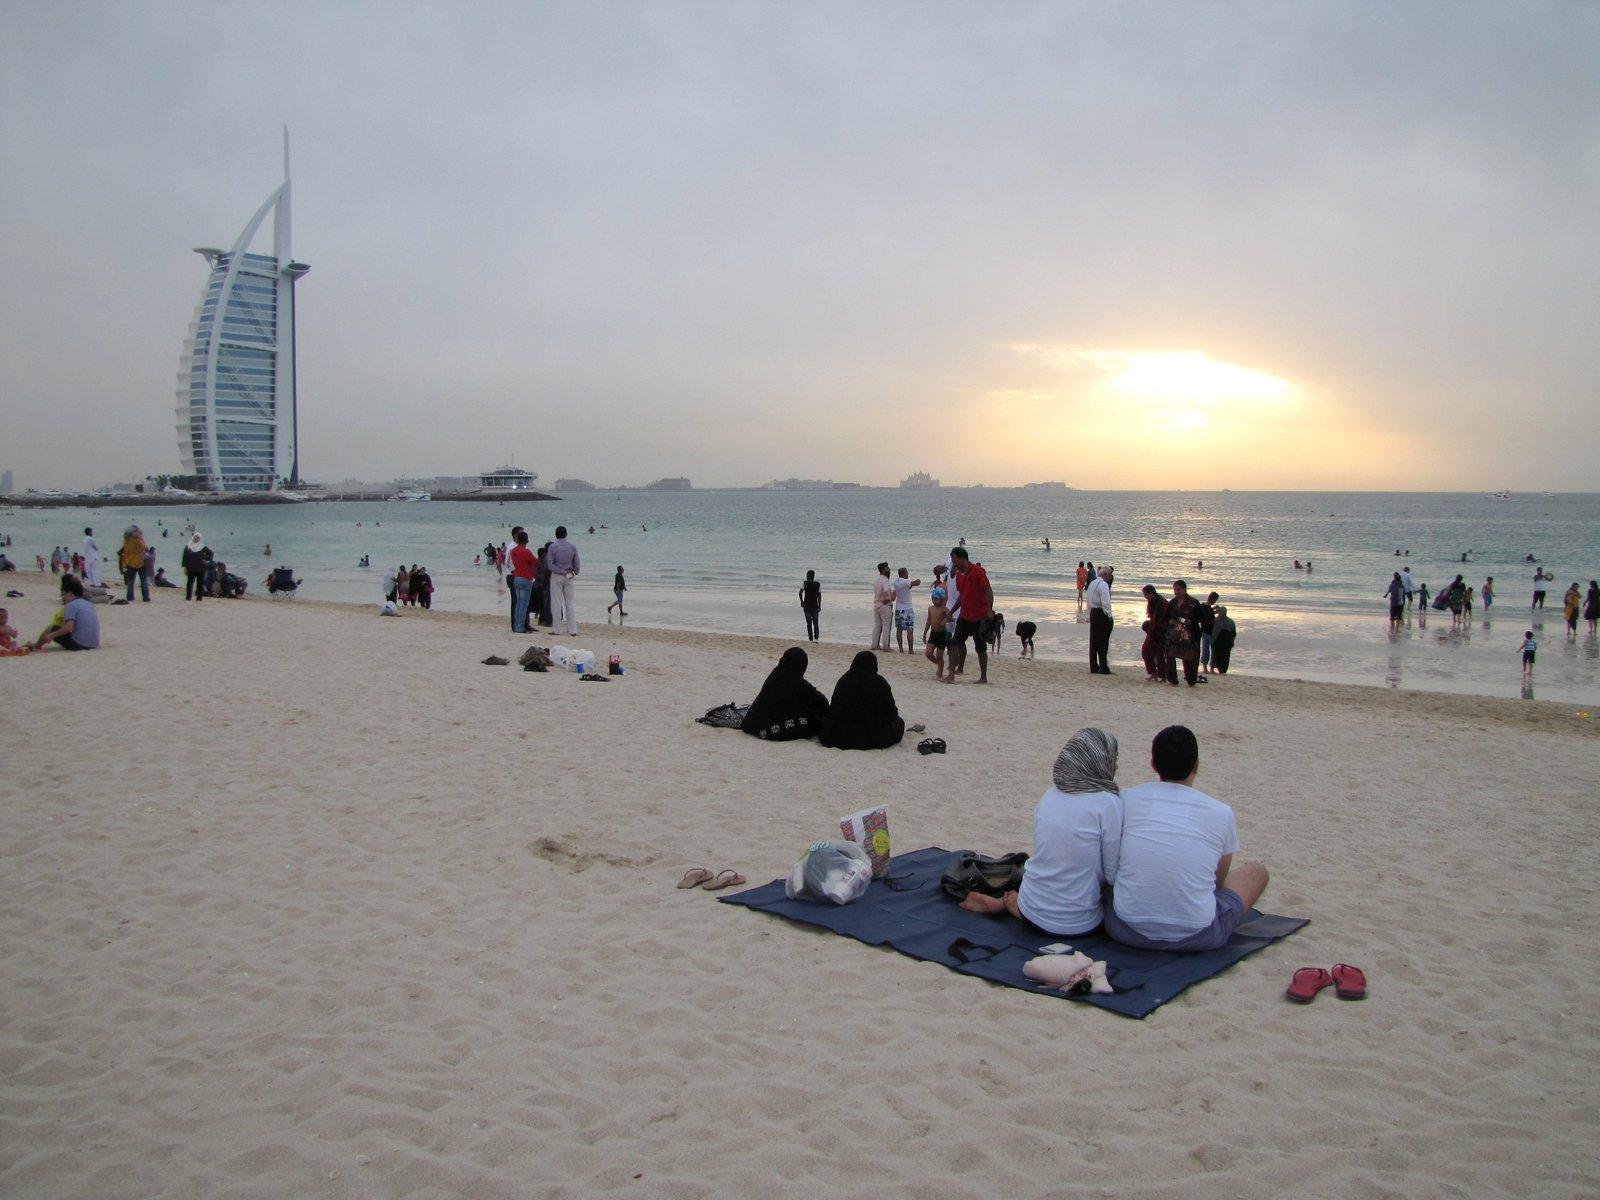 Coucher de soleil sur la plage avec vue sur le Burj-al-Arab